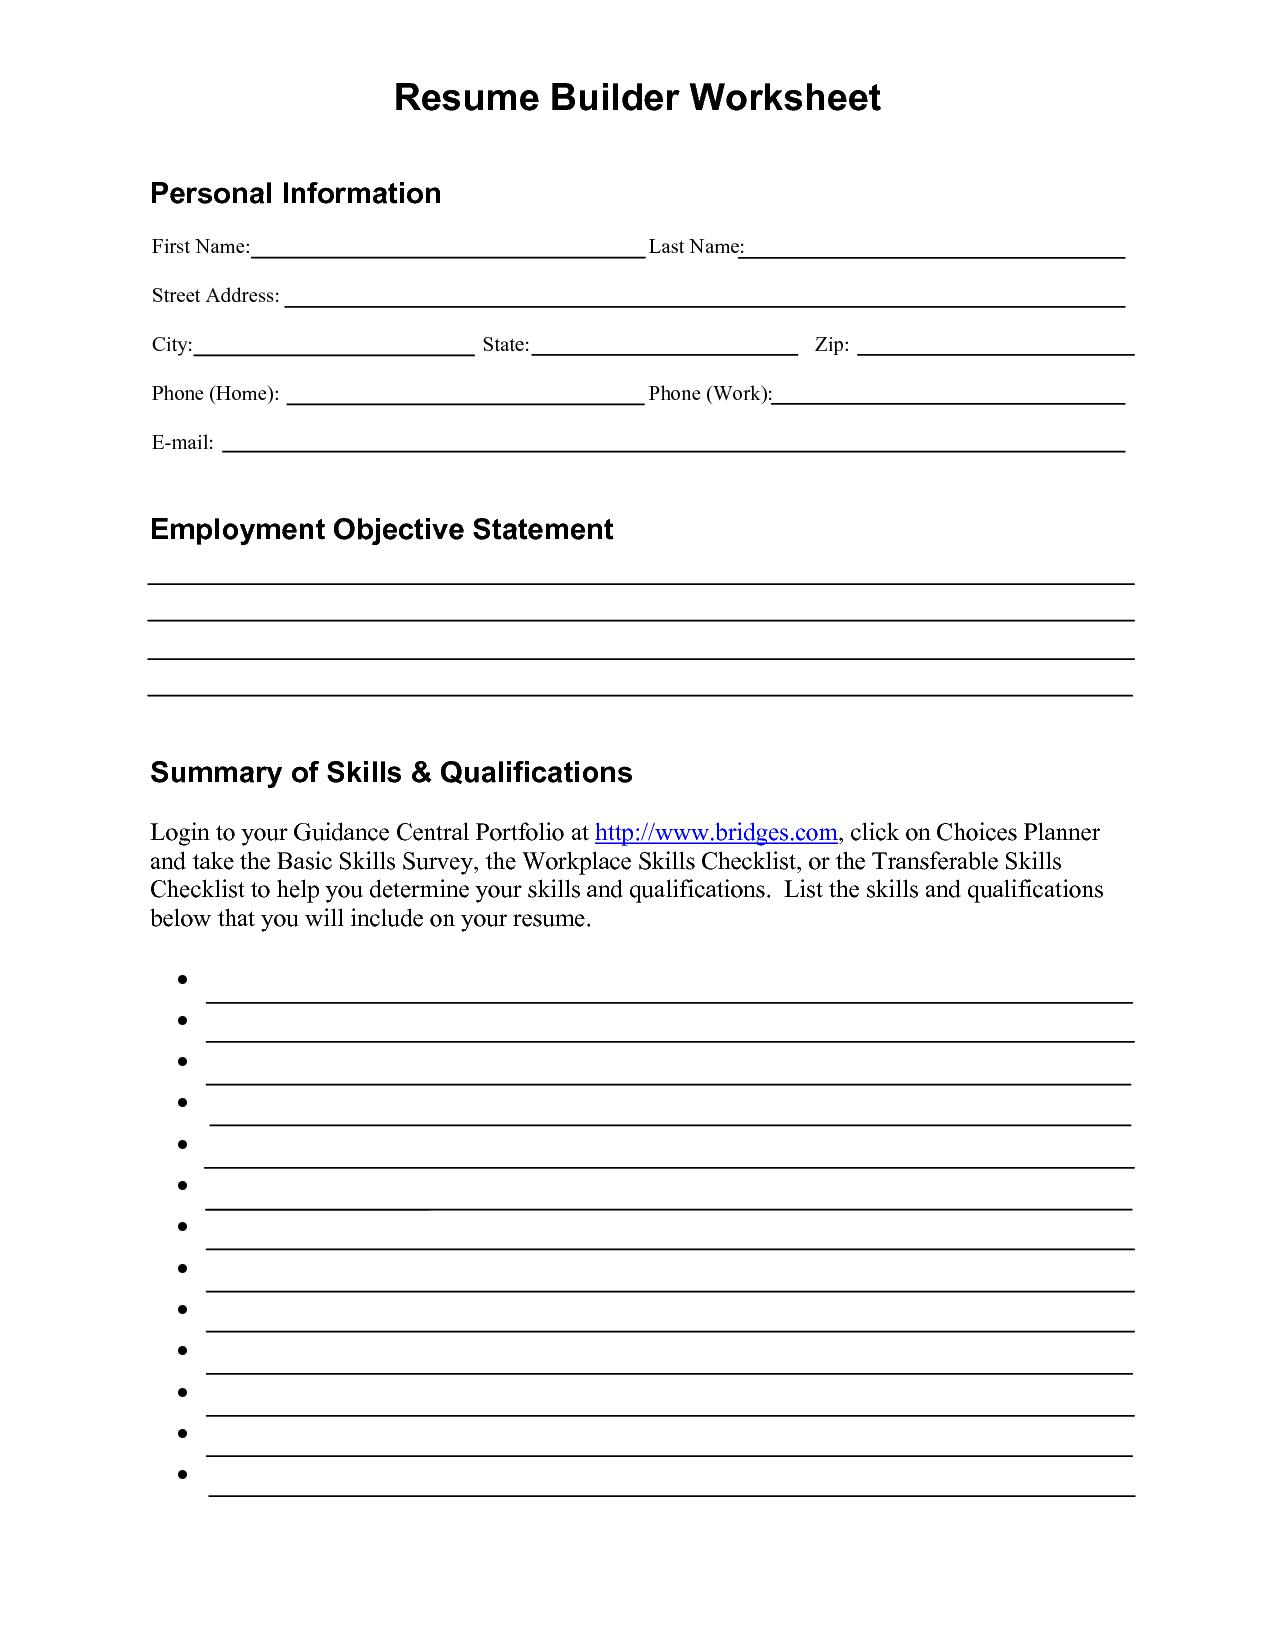 19 Best Images Of Resume Format Worksheet